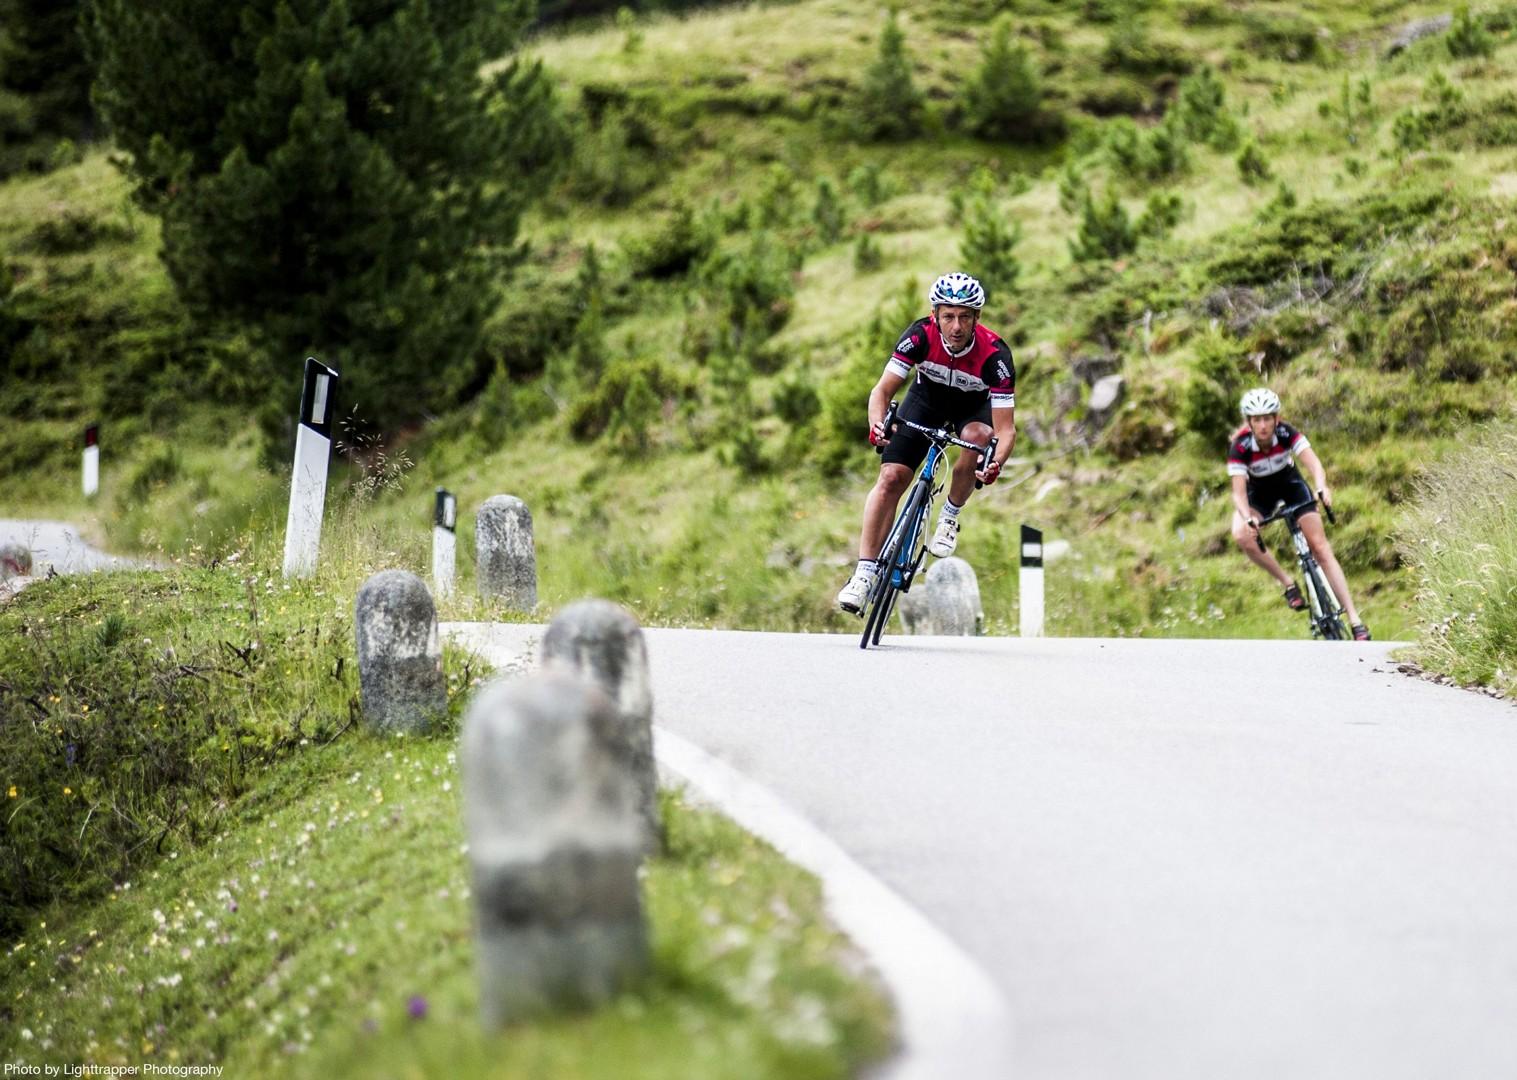 italian-alps-gavia-guided-road-cycling-holiday.jpg - Italy - Italian Alps - Guided Road Cycling Holiday - Italia Road Cycling